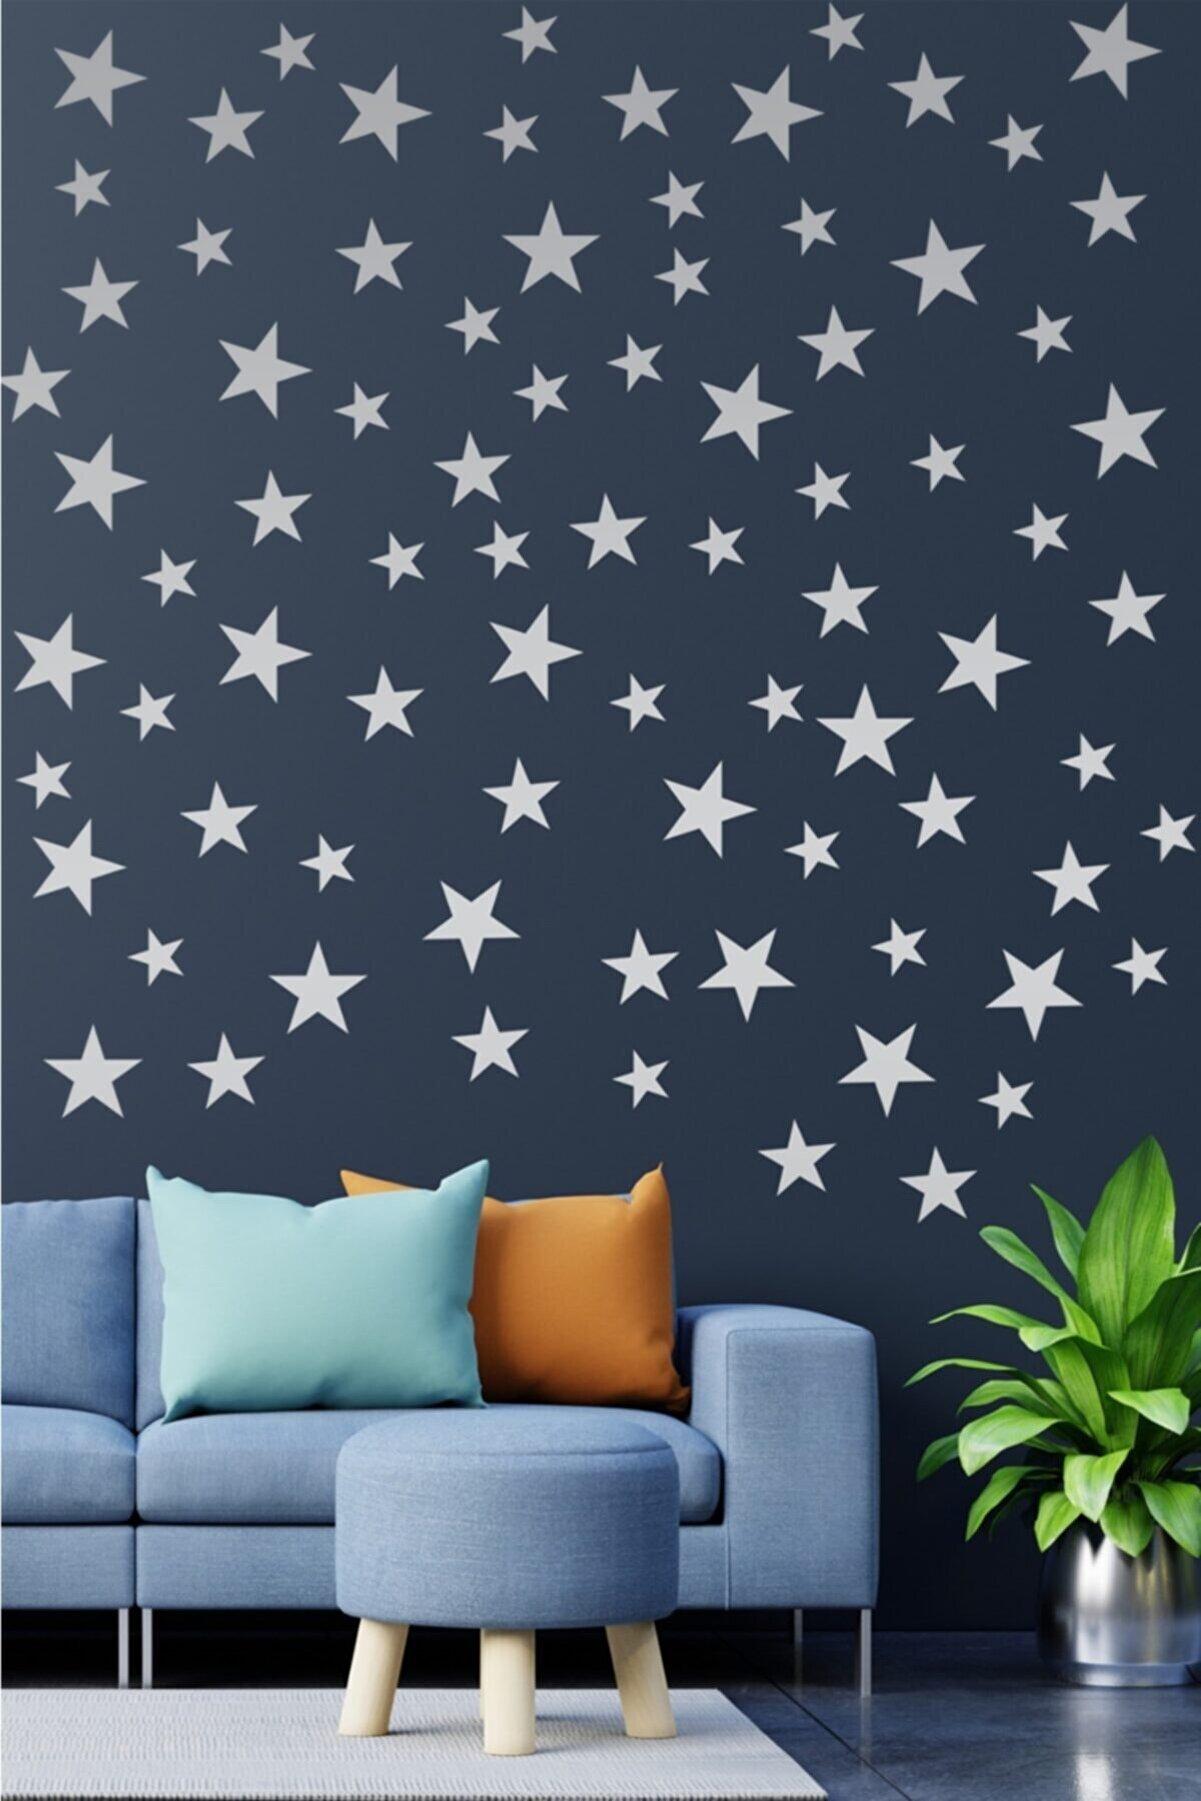 visare Çocuk Bebek Odası 100 Adet Metalize Gümüş Rengi Yıldız Dekoratif Duvar Sticker